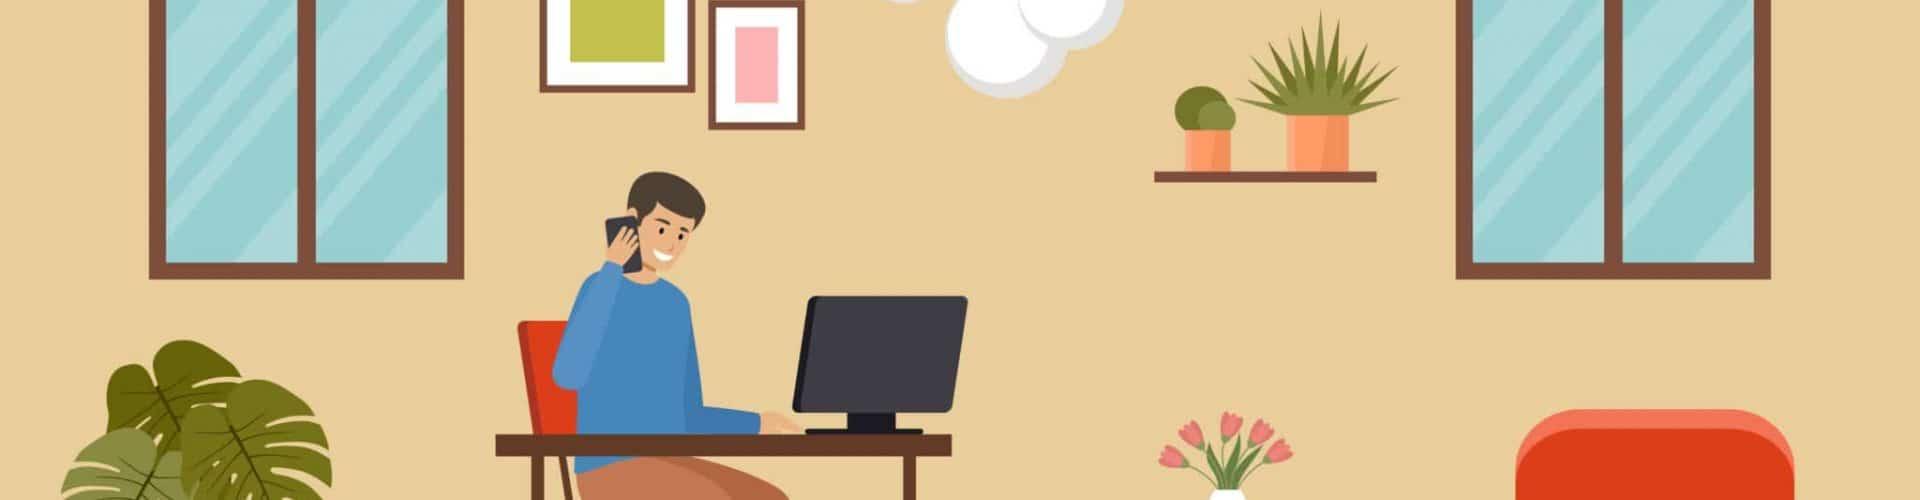 Freelancer man works at home. Vector flat illustration.